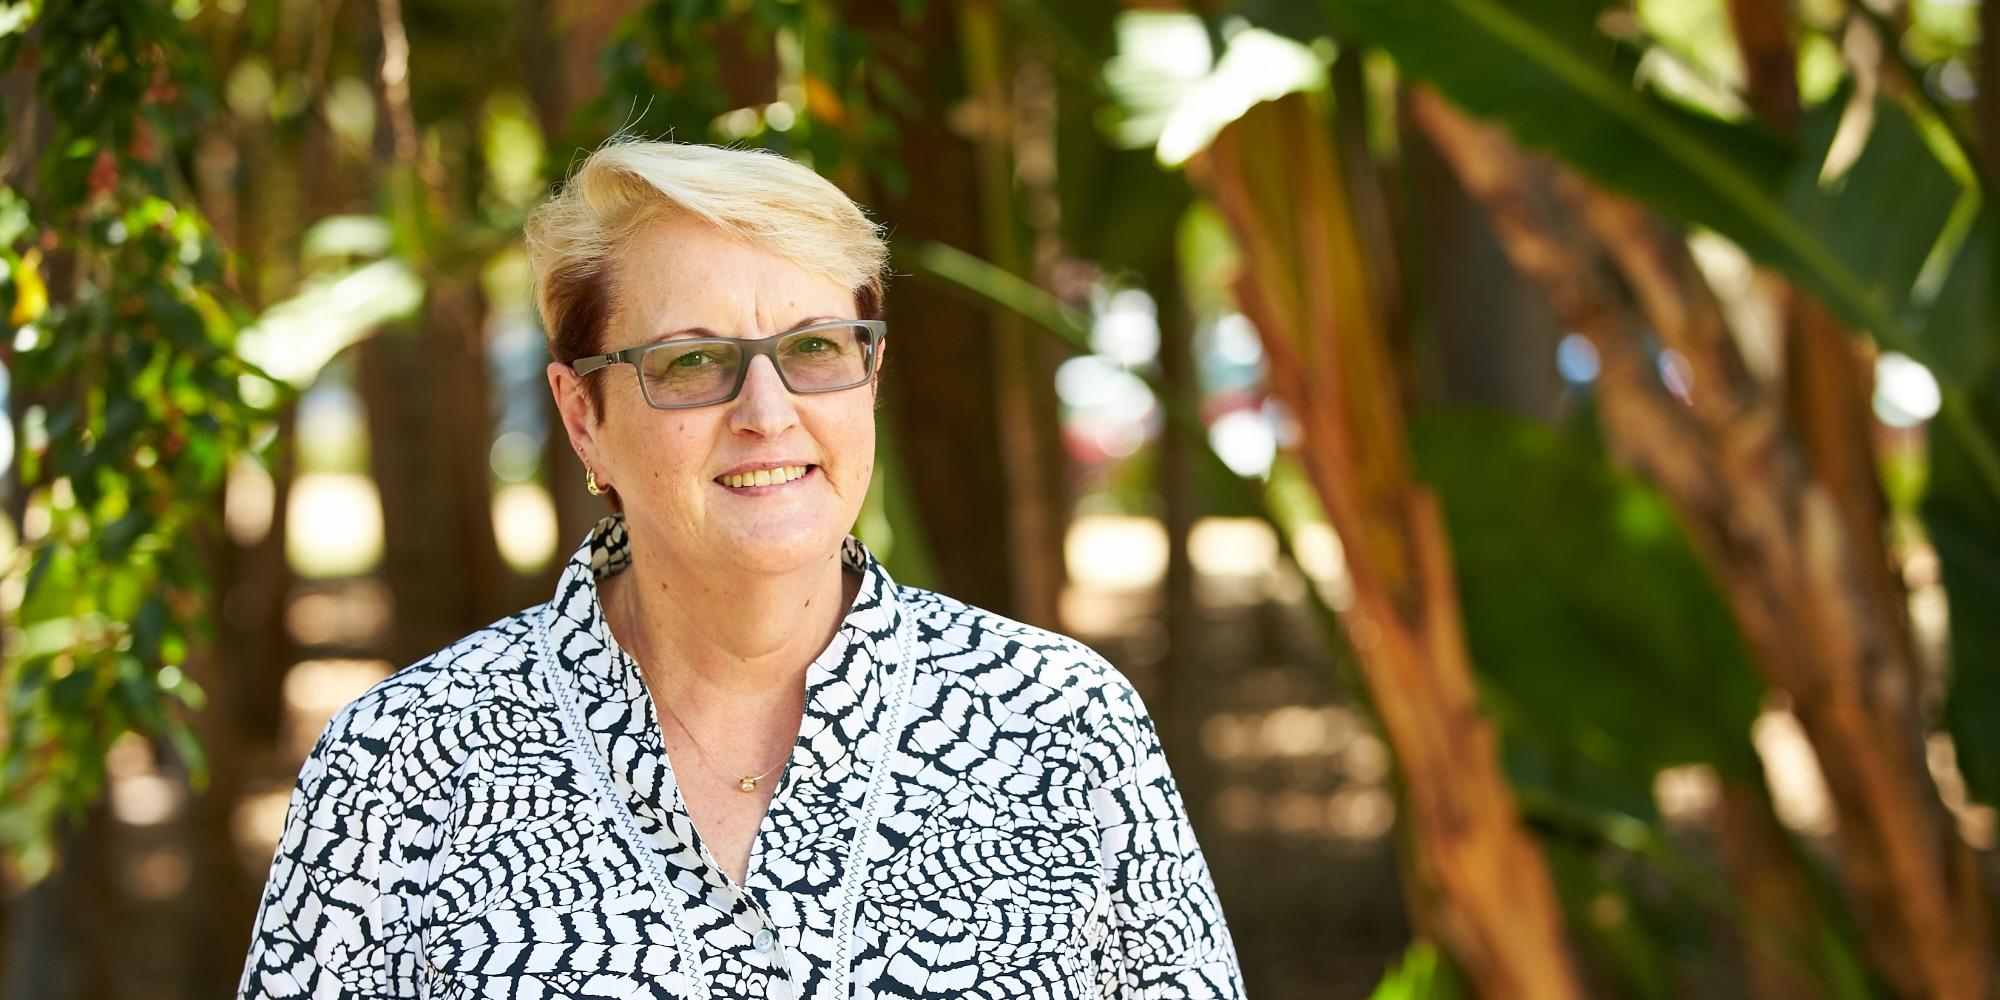 Tanya Fitzgerald